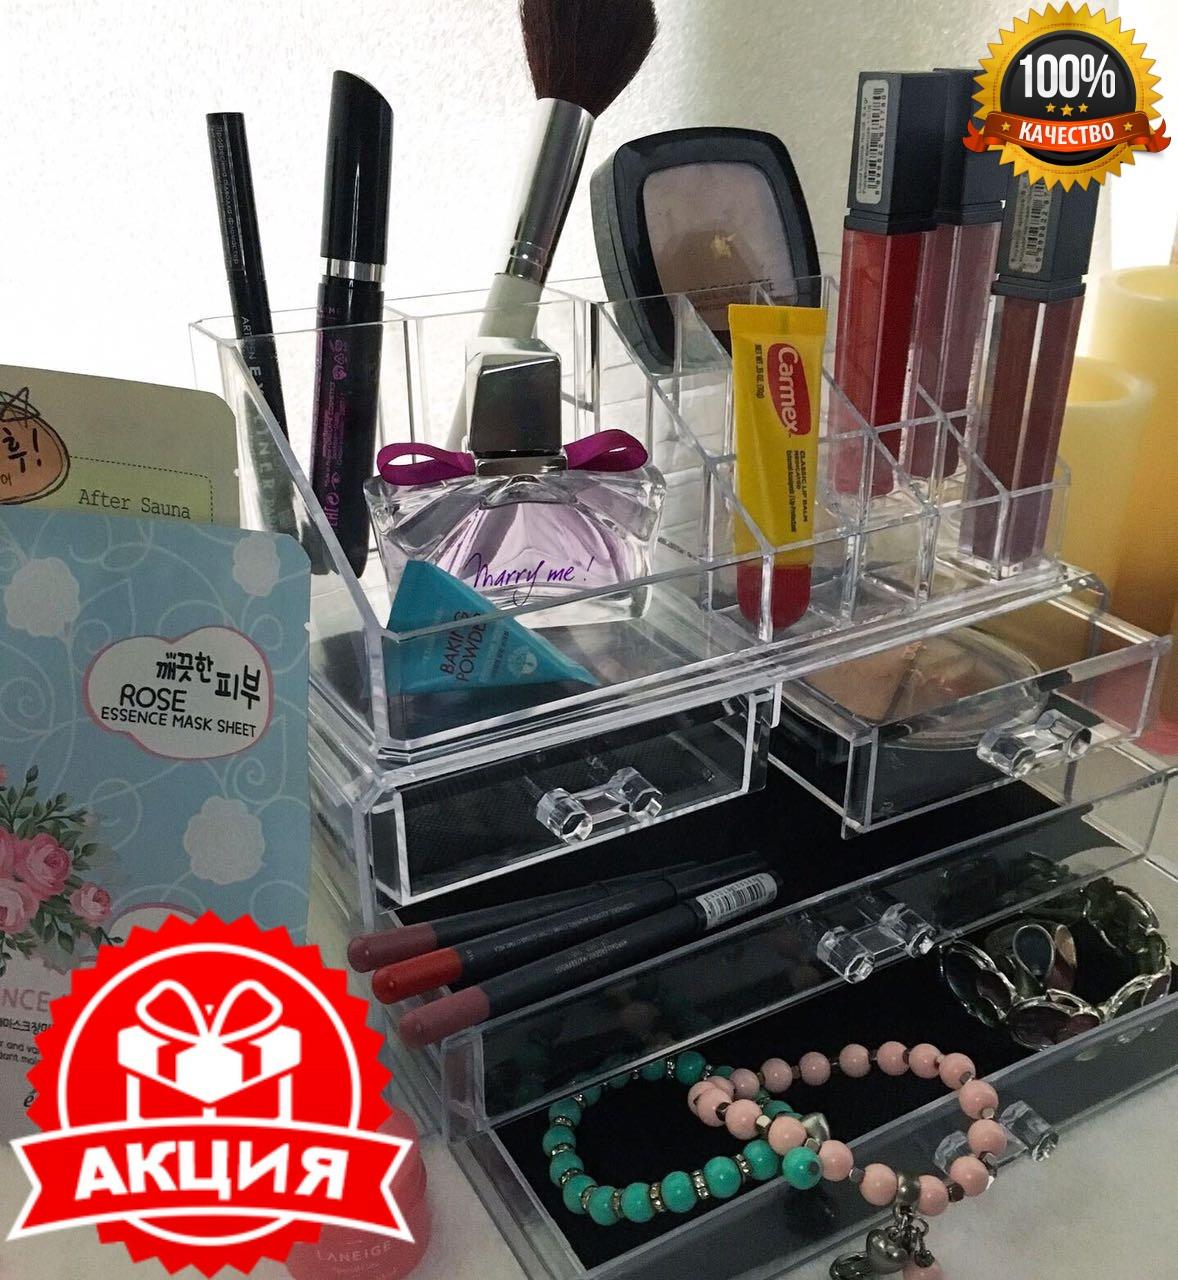 Акриловый органайзер для косметики с 4 ящиками Cosmetic Storage Box настольная косметичка, бокс для косметики, фото 1